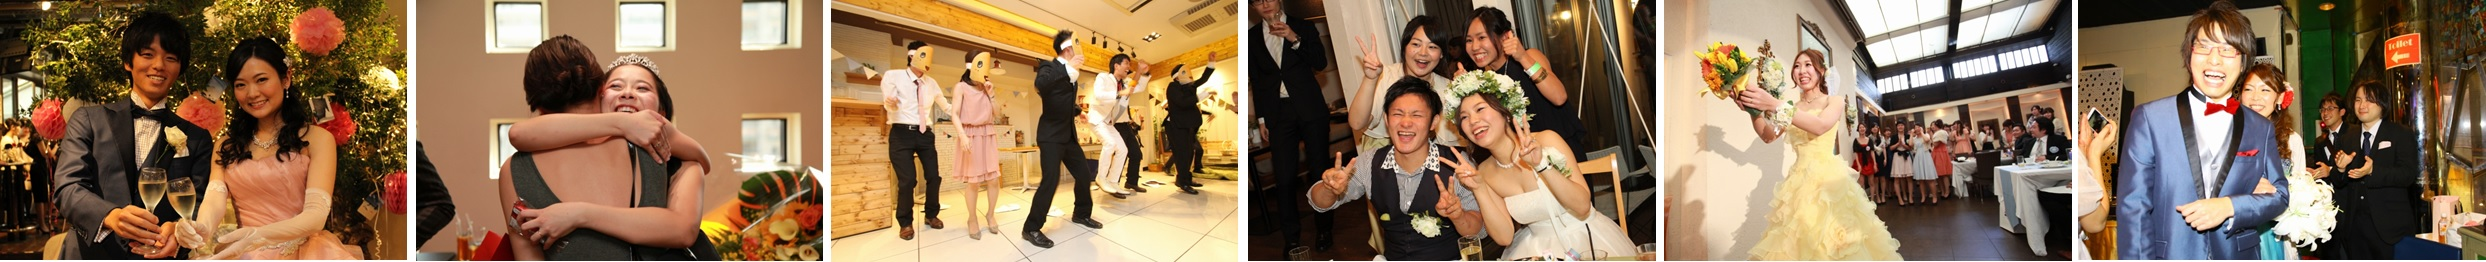 結婚式二次会1.5次会2